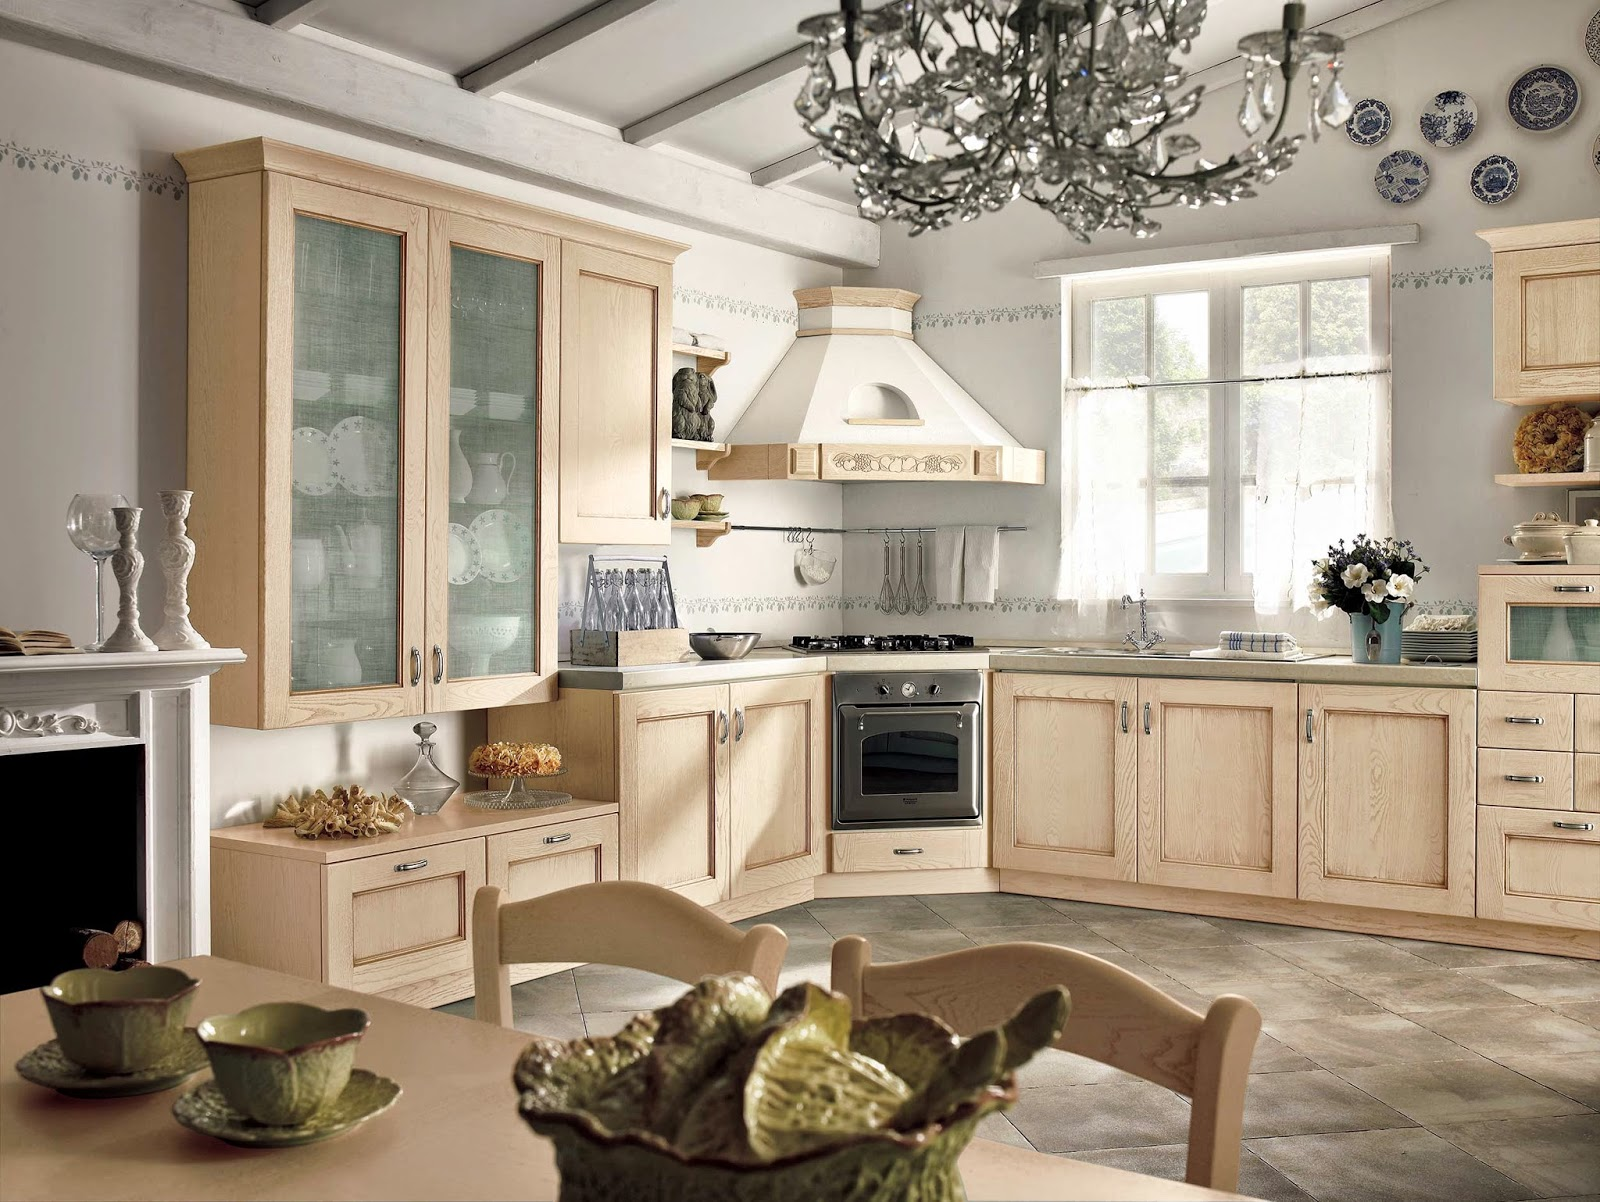 Cucine classiche - Cucine scavolini classiche prezzi ...